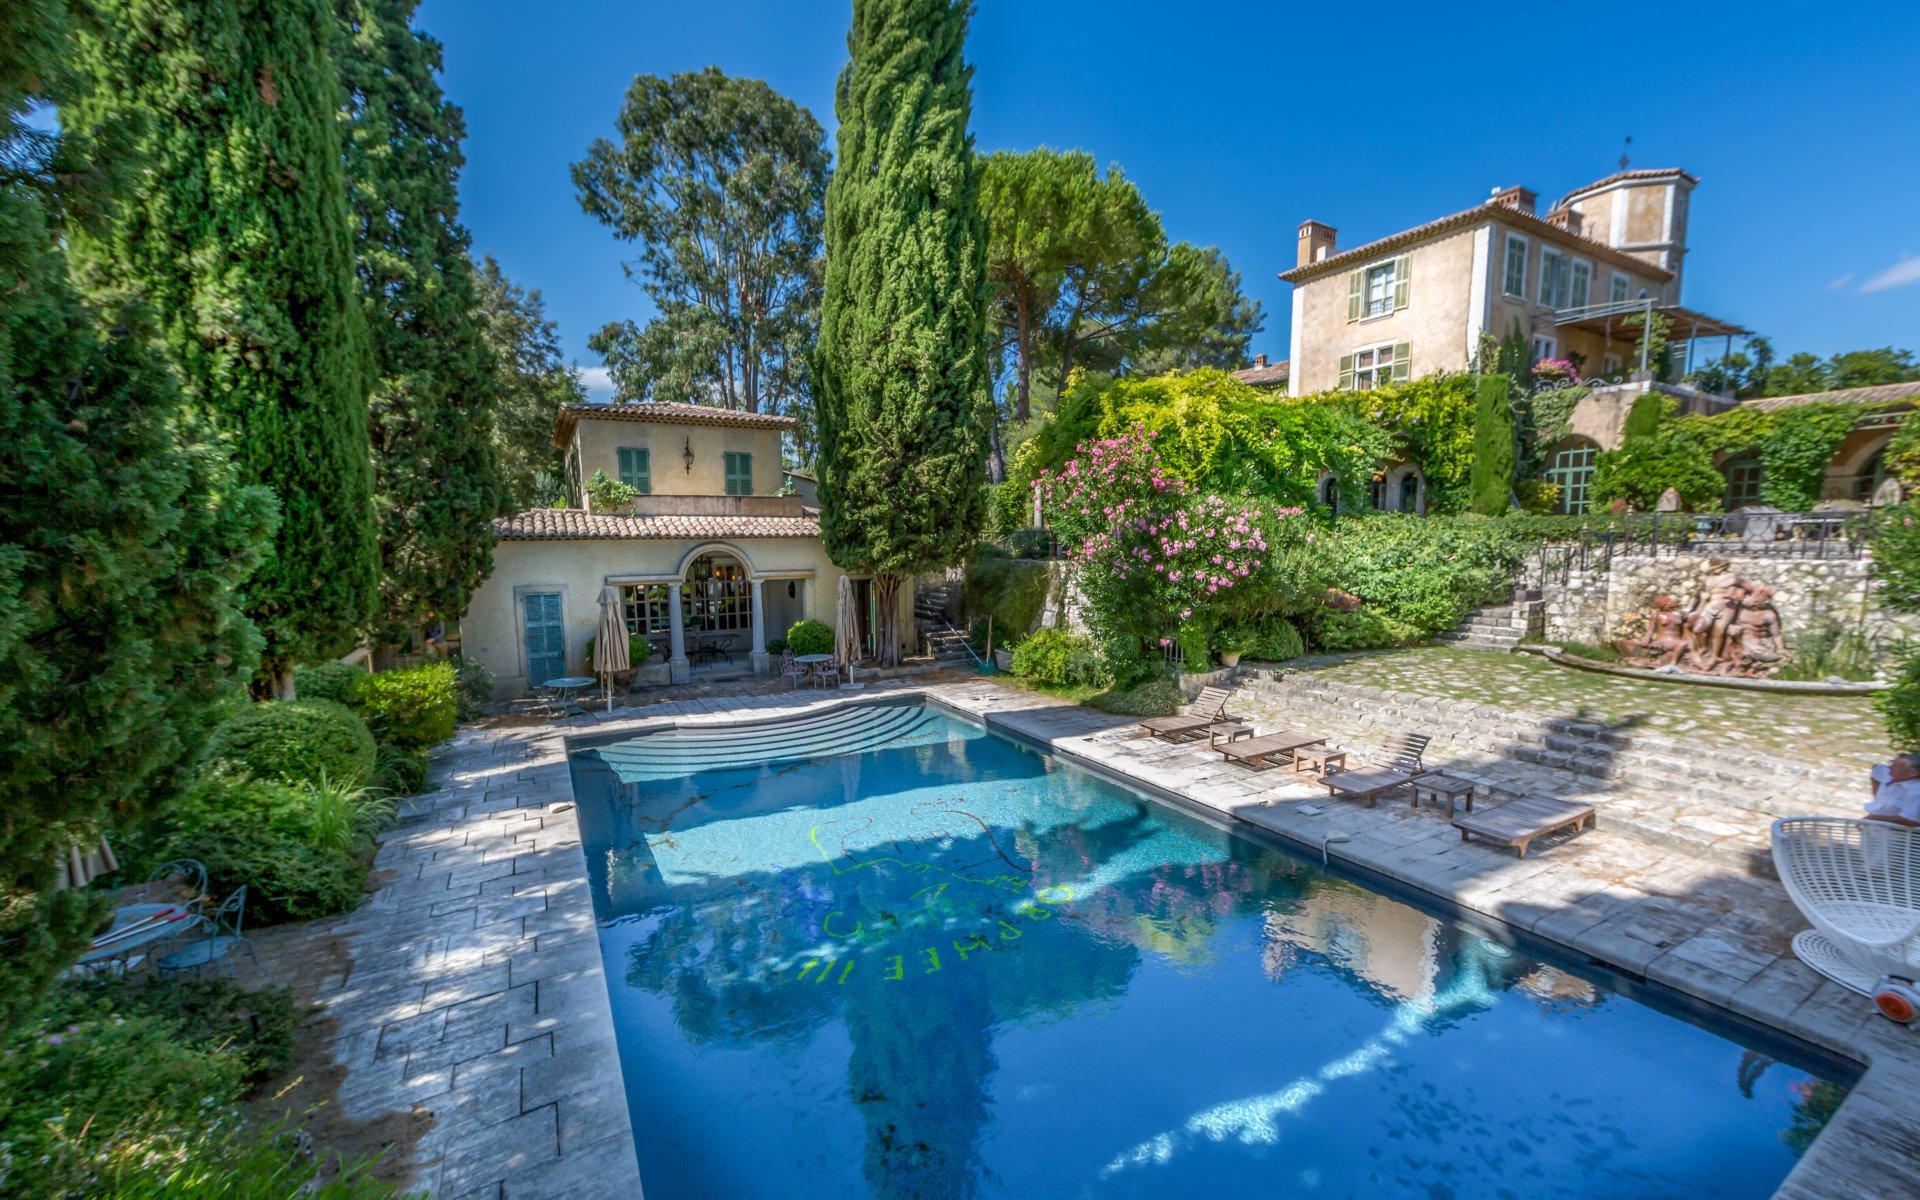 Ad Sale Property La Colle Sur Loup 06480 15 Rooms V1382co